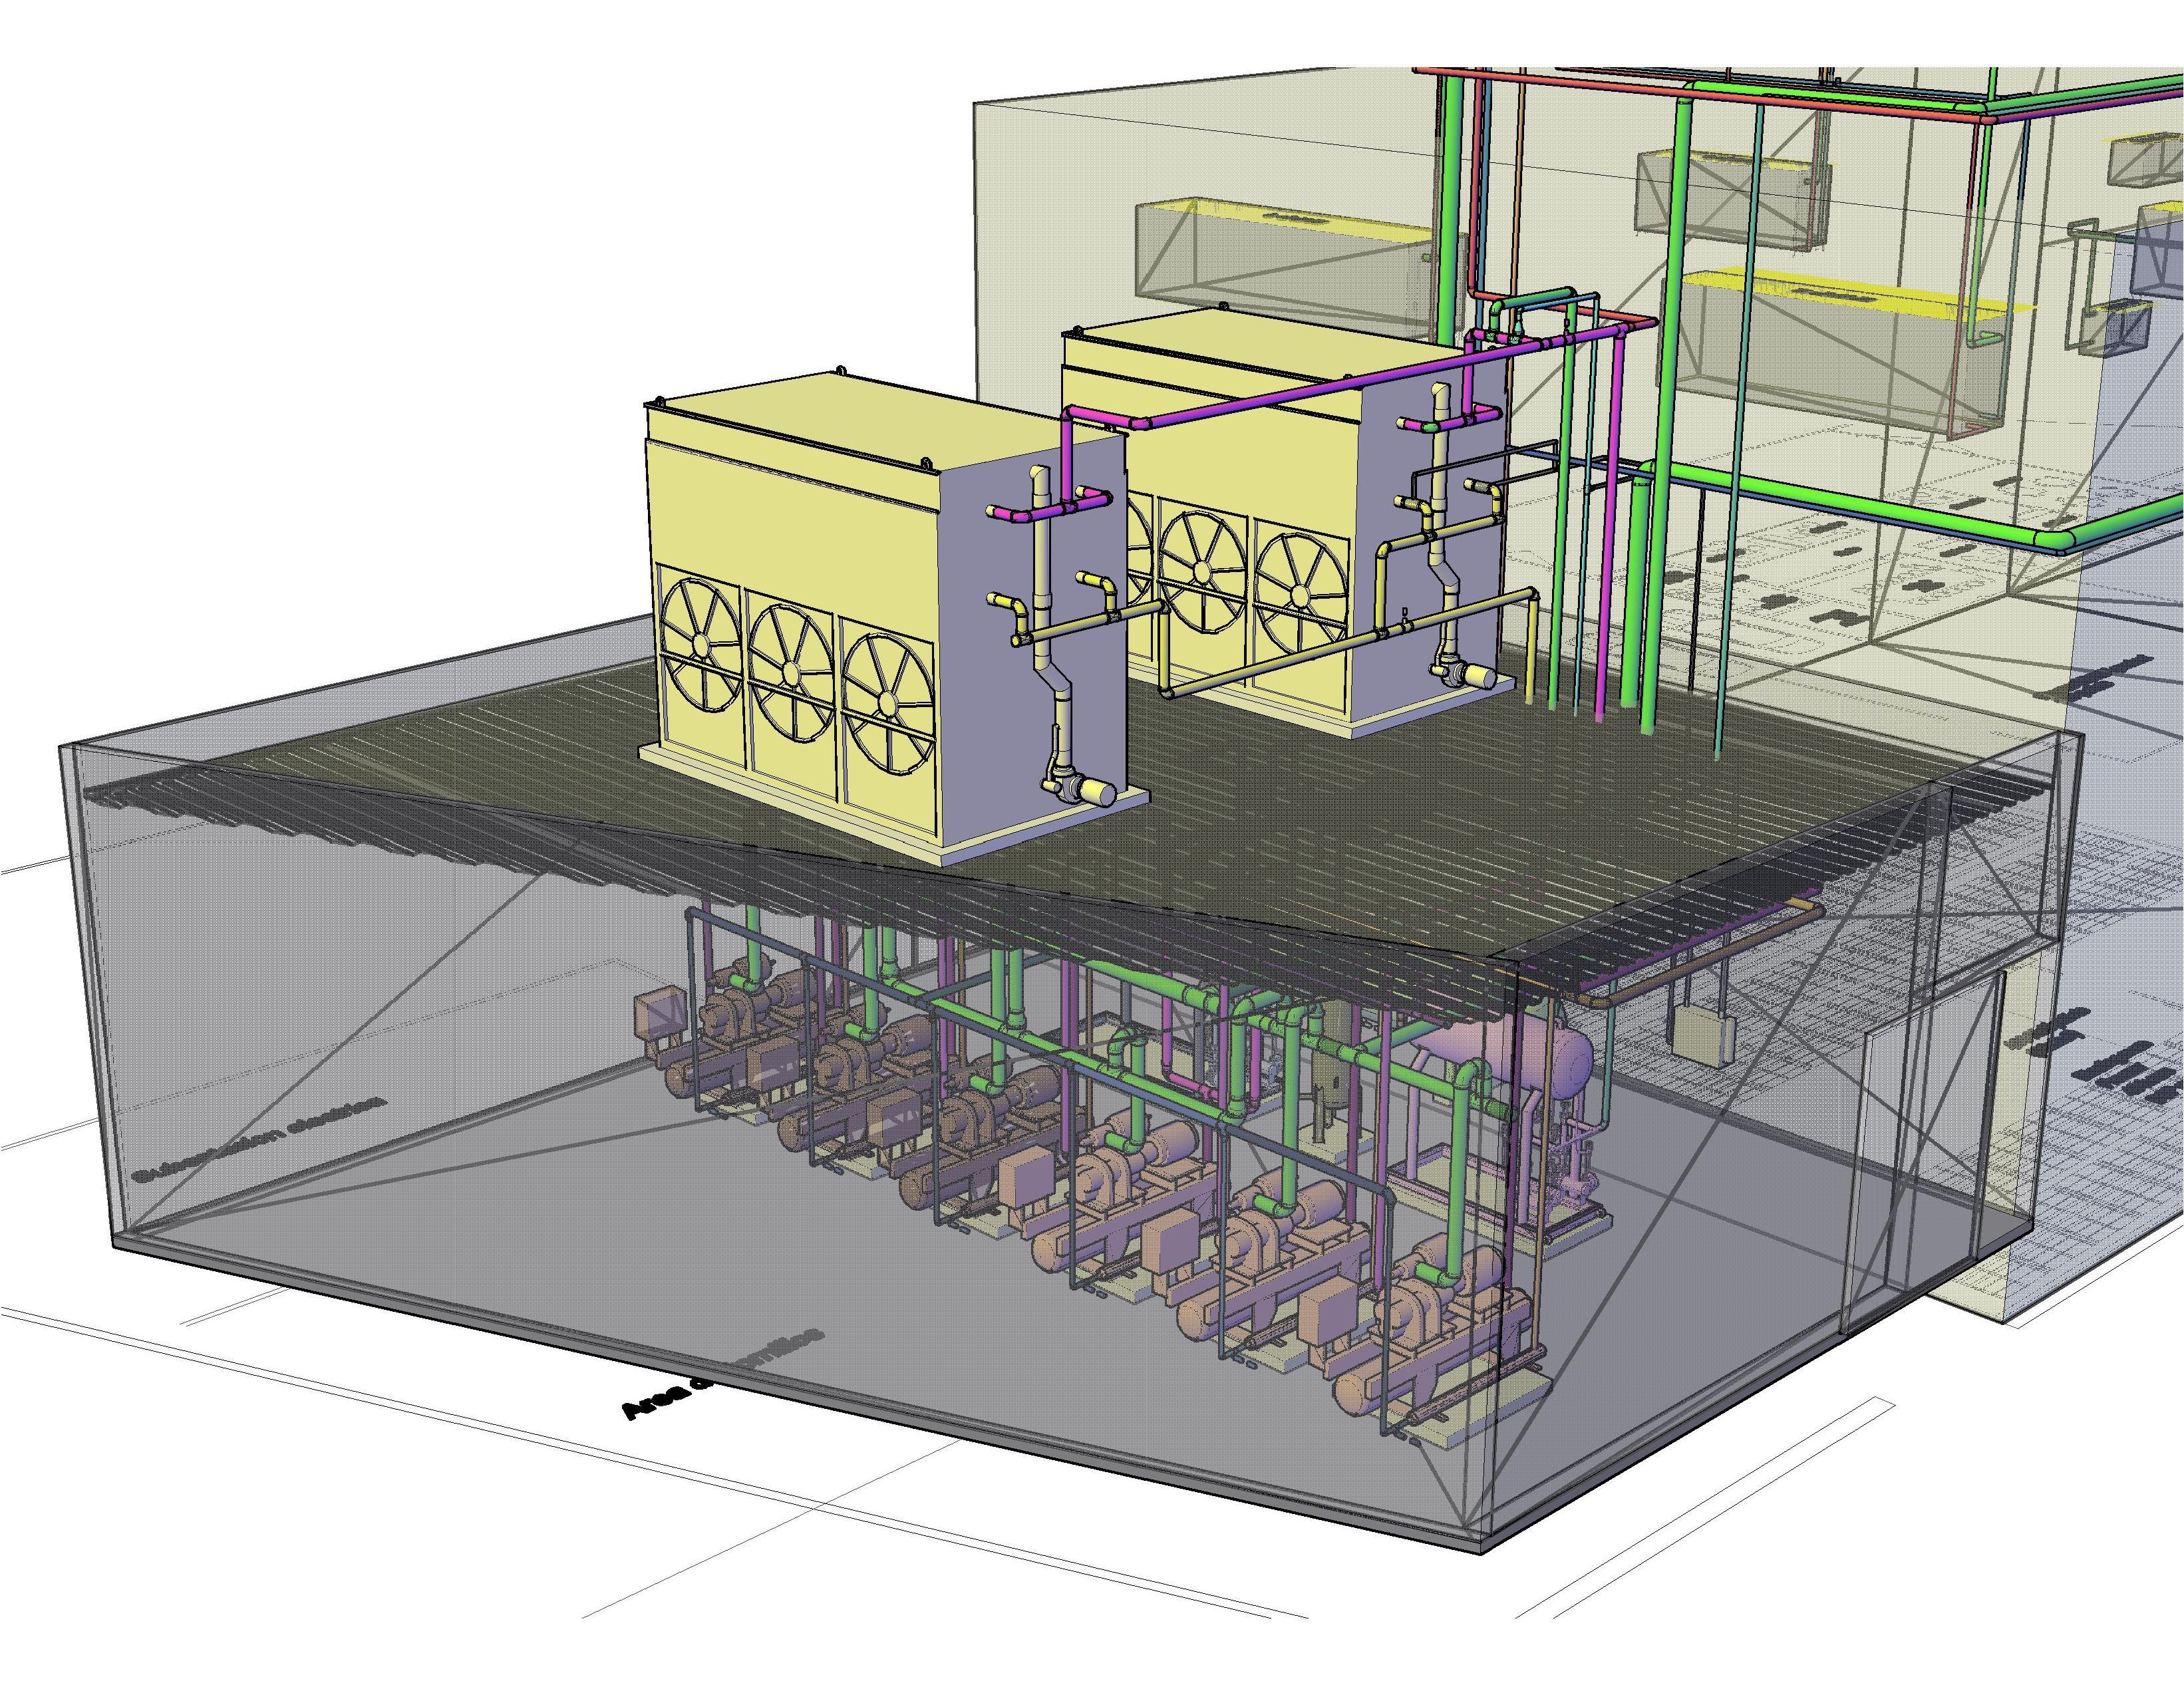 6. Perspec Sala de Maquinas Transp